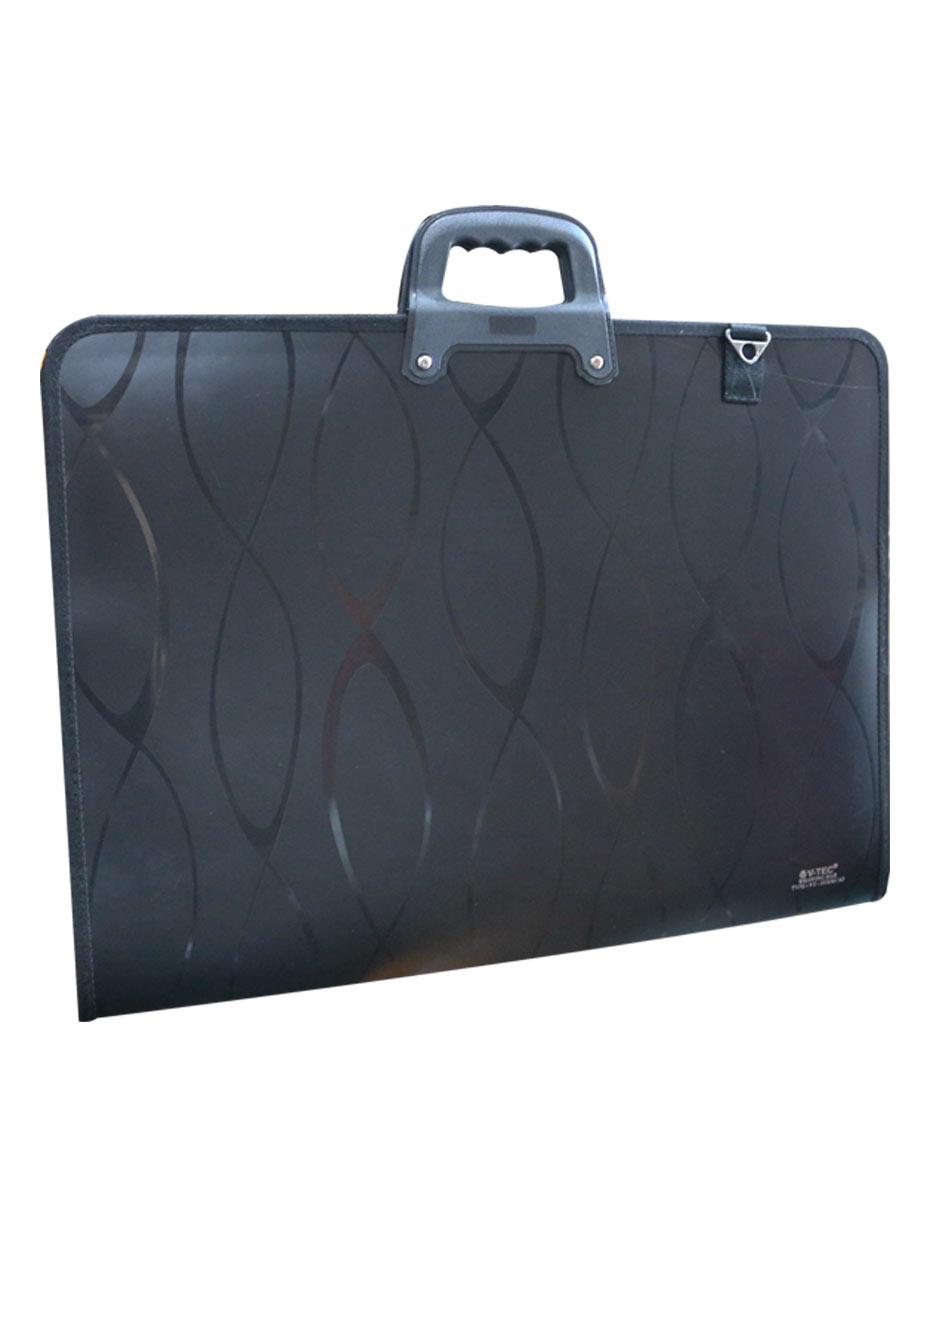 v-tec-drawing-bag-a2